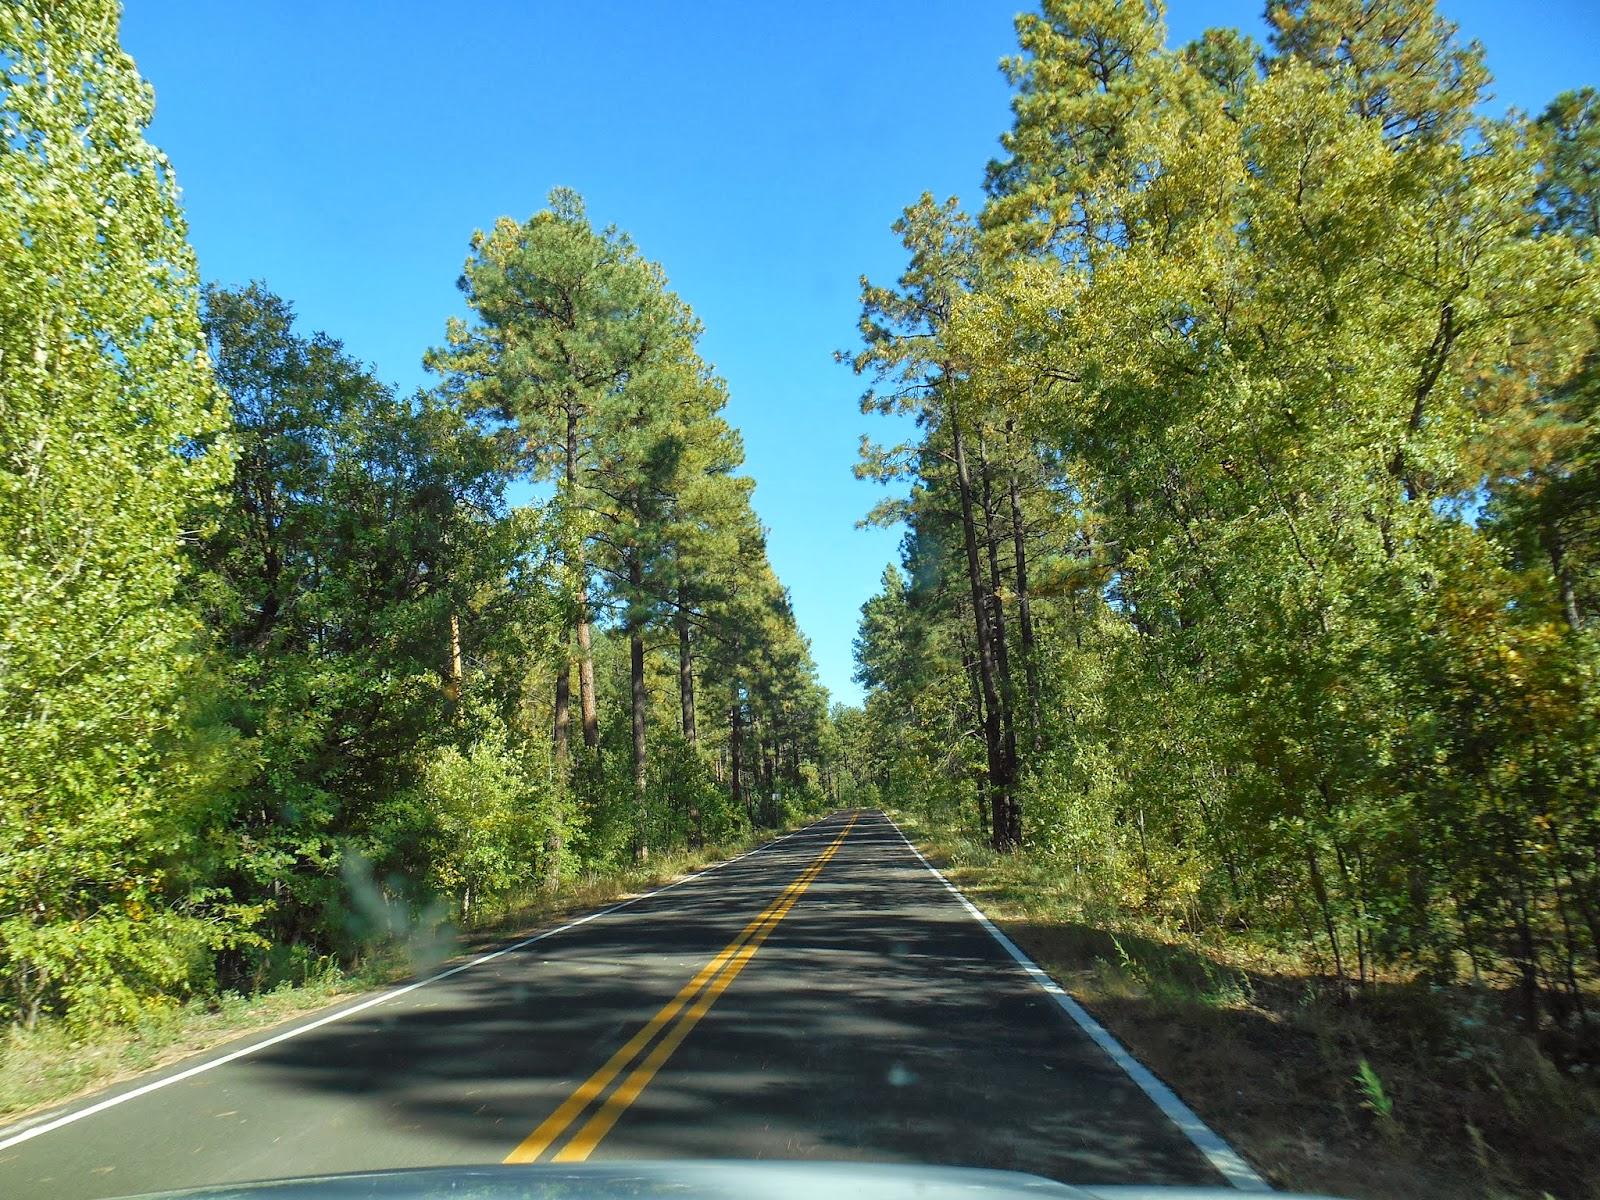 Elder Samuel Clark's Mission Blog: Not in Scottsdale Anymore